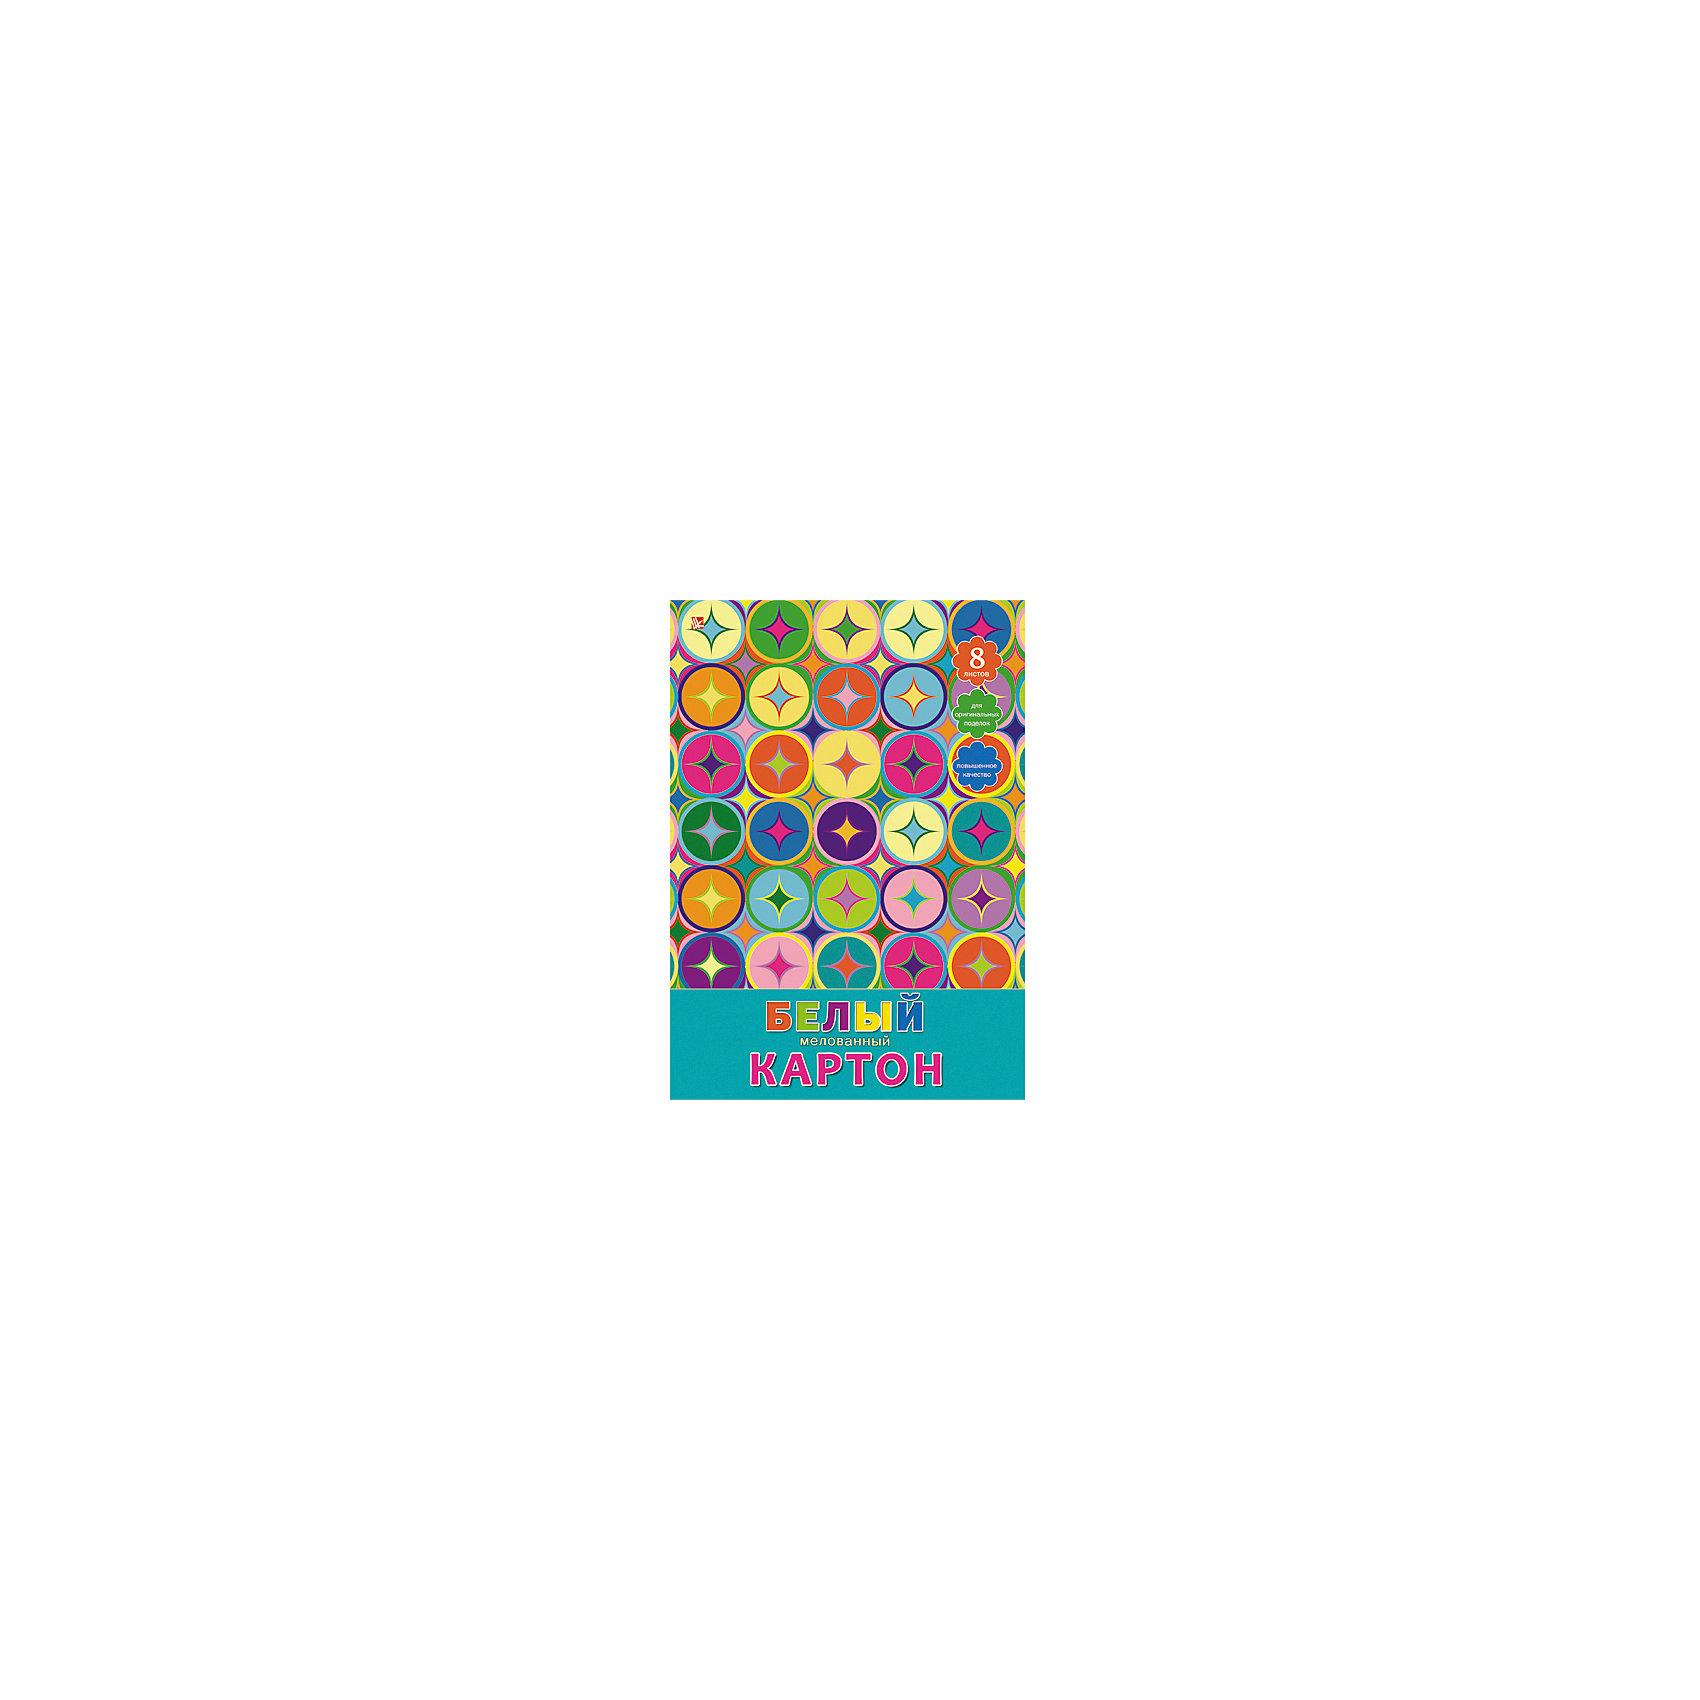 Белый мелованный картон Яркий узор,  8лБумажная продукция<br>Яркий узор - папка с качественным мелованным картоном белого цвета. Красочная обложка с интересным узором привлечет внимание и поможет создать самые интересные поделки.<br><br>Дополнительная информация:<br>Обложка: картон<br>Количество листов: 8<br>Формат: А4<br>Белый мелованный картон Яркий узор можно купить в нашем интернет-магазине.<br><br>Ширина мм: 280<br>Глубина мм: 200<br>Высота мм: 6<br>Вес г: 131<br>Возраст от месяцев: 72<br>Возраст до месяцев: 2147483647<br>Пол: Унисекс<br>Возраст: Детский<br>SKU: 4942467